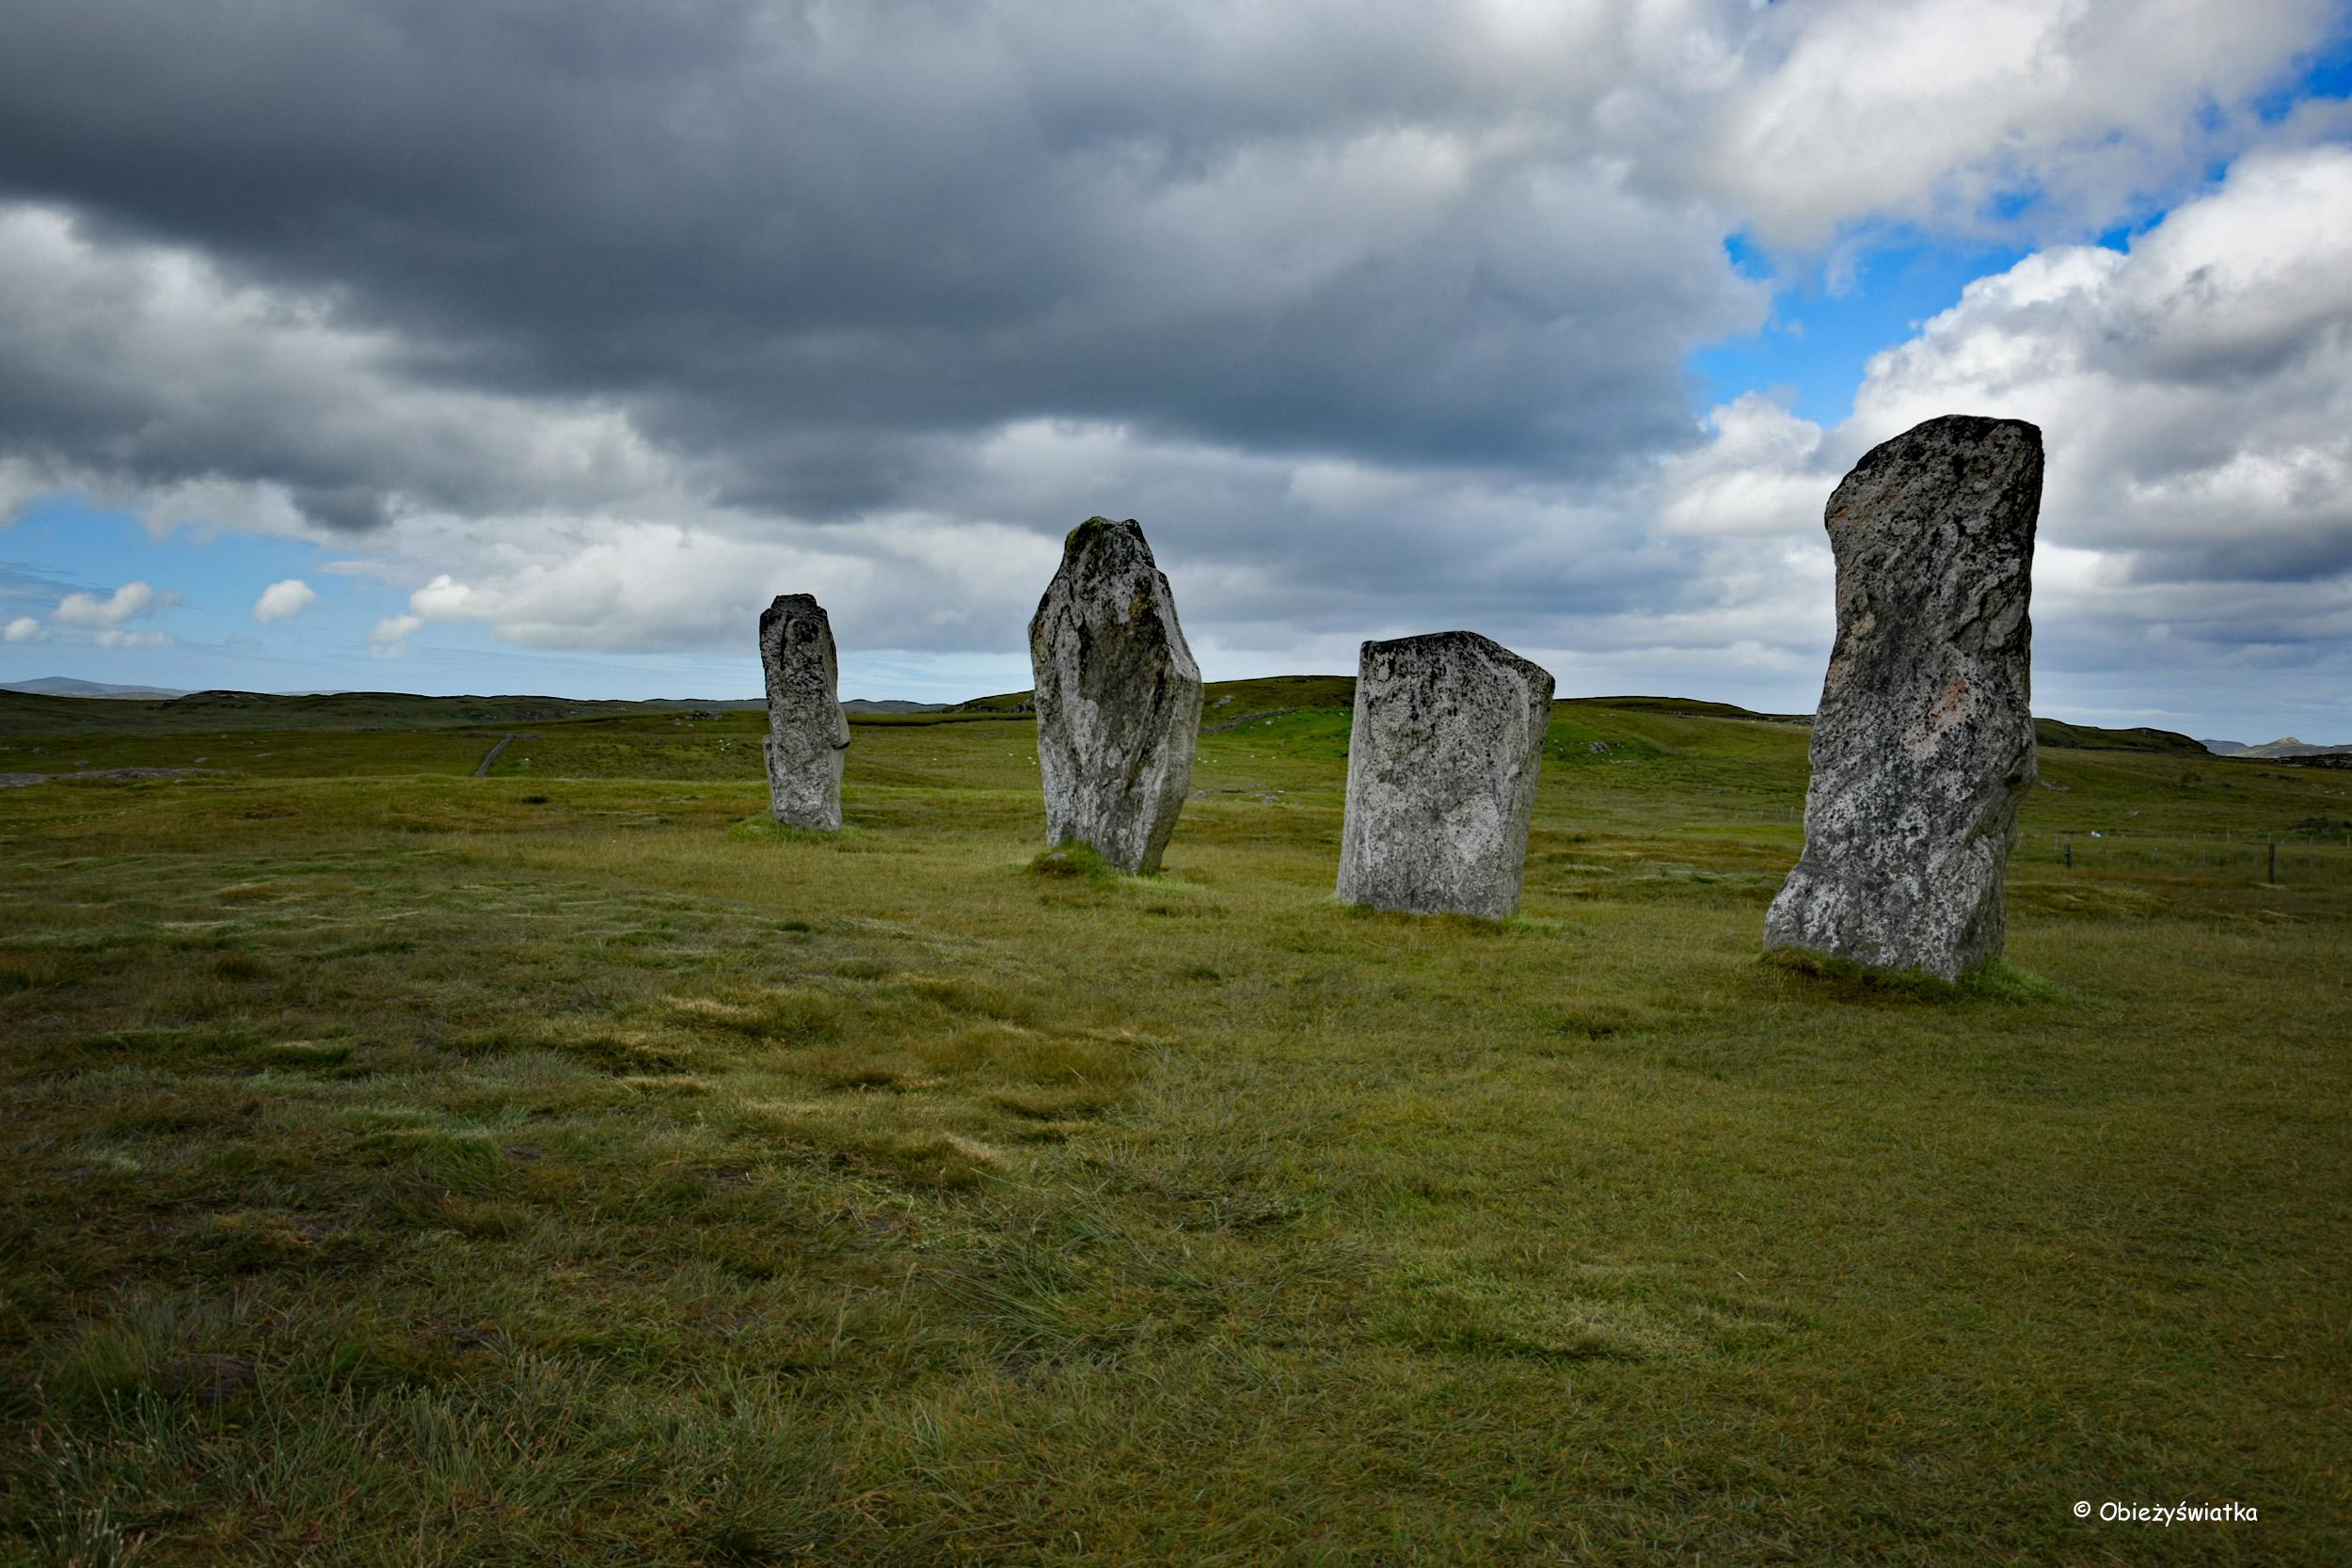 Menhiry w kamiennym kręgu, Lewis and Harris, Hebrydy Zewnętrzne, Szkocja